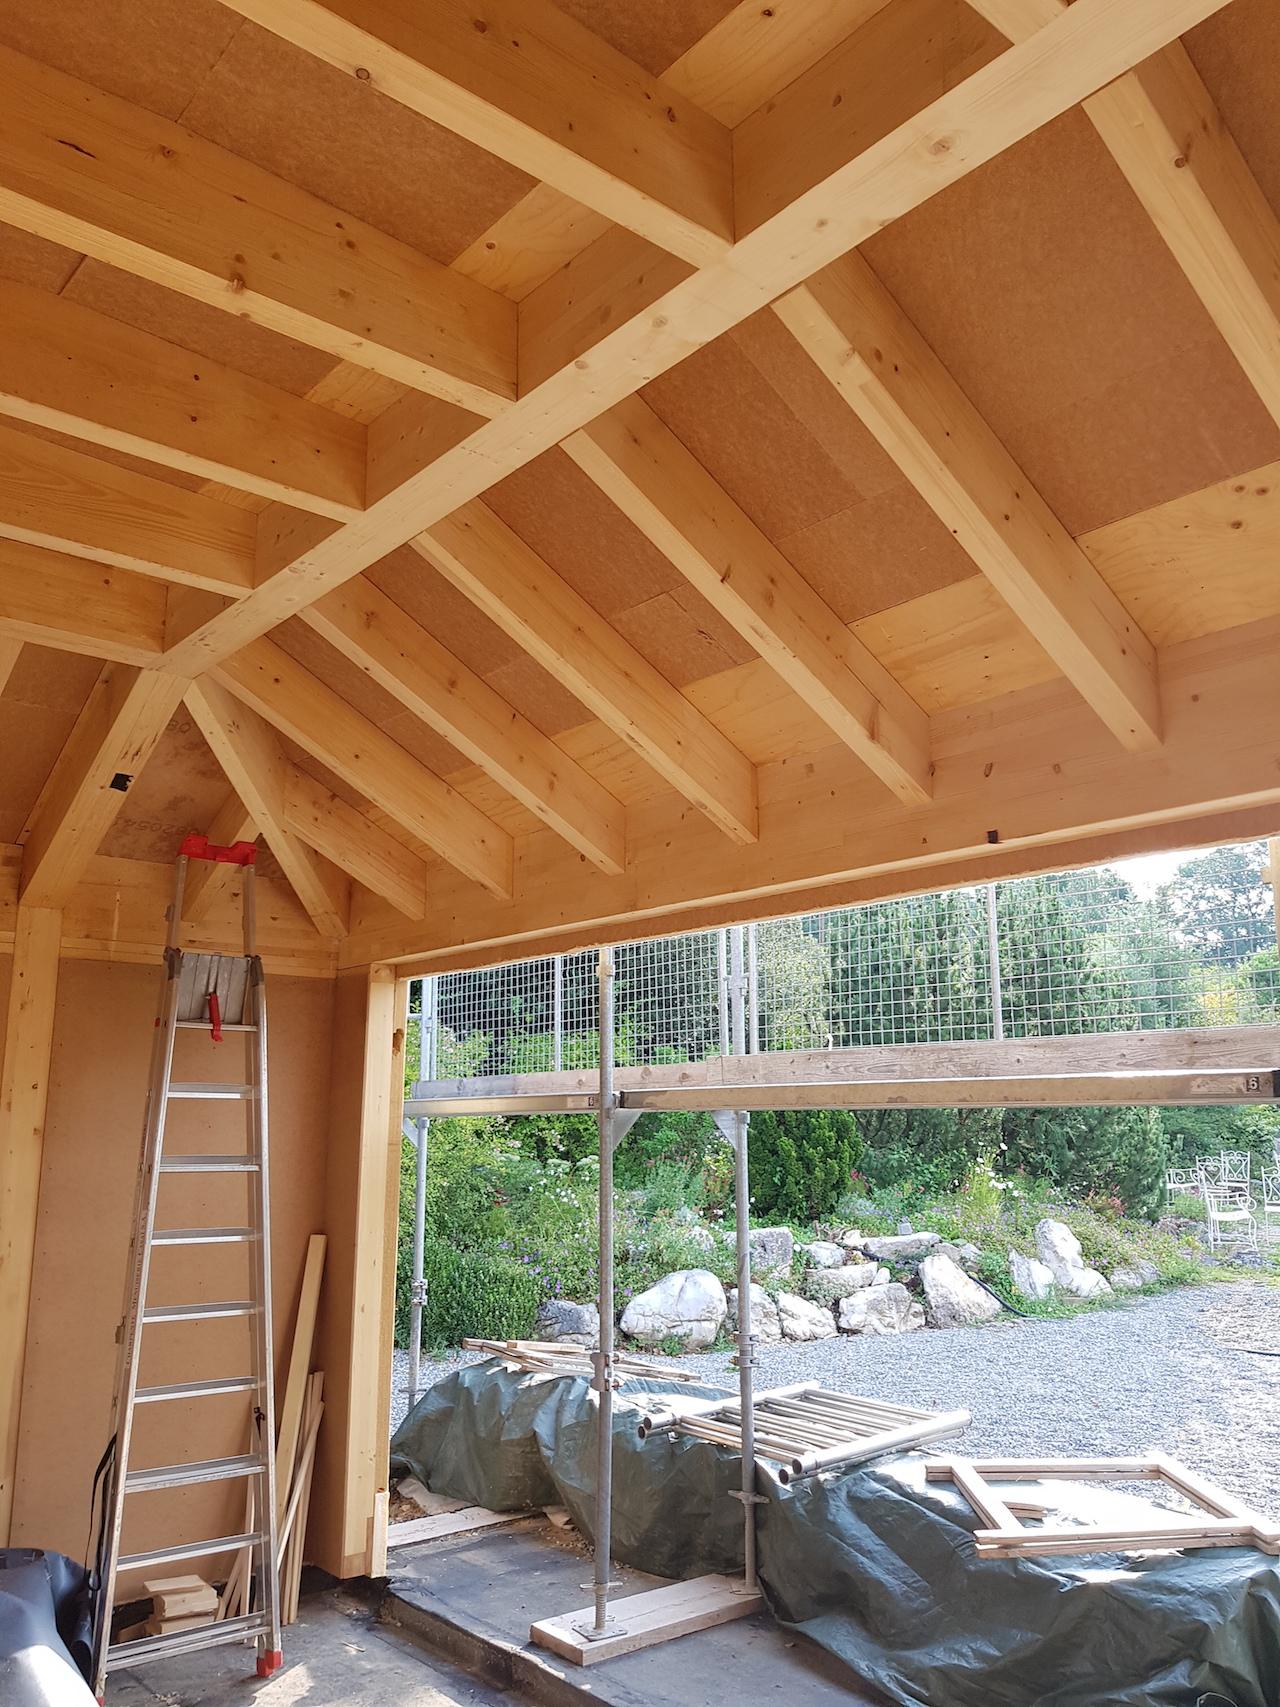 CSDK Construction pre%CC%81fabrique%CC%81e en bois 3 - Engagement durable - CSDK Construction pre%CC%81fabrique%CC%81e en bois 3